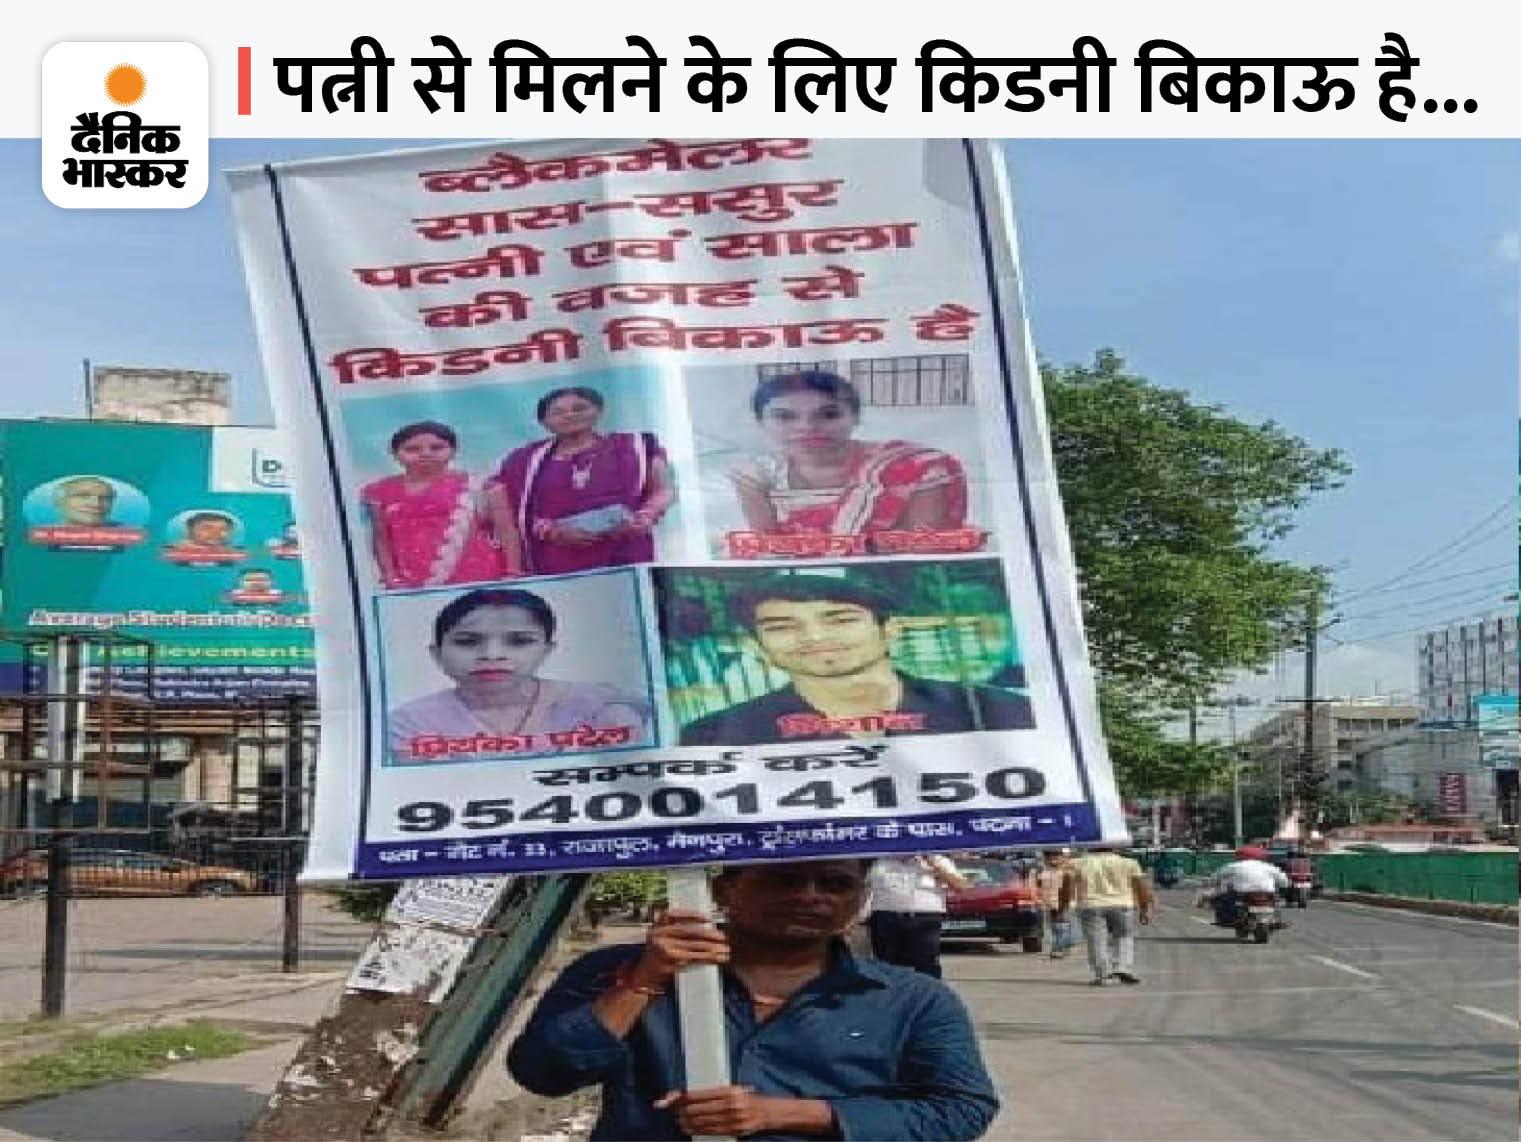 पटना में हाथ में पोस्टर लेकर सास-ससुर और ससुराल वालों को बता रहा ब्लैकमेलर; कहा- प्रशासन मदद नहीं कर रहा, दे दूंगा जान|पटना,Patna - Dainik Bhaskar